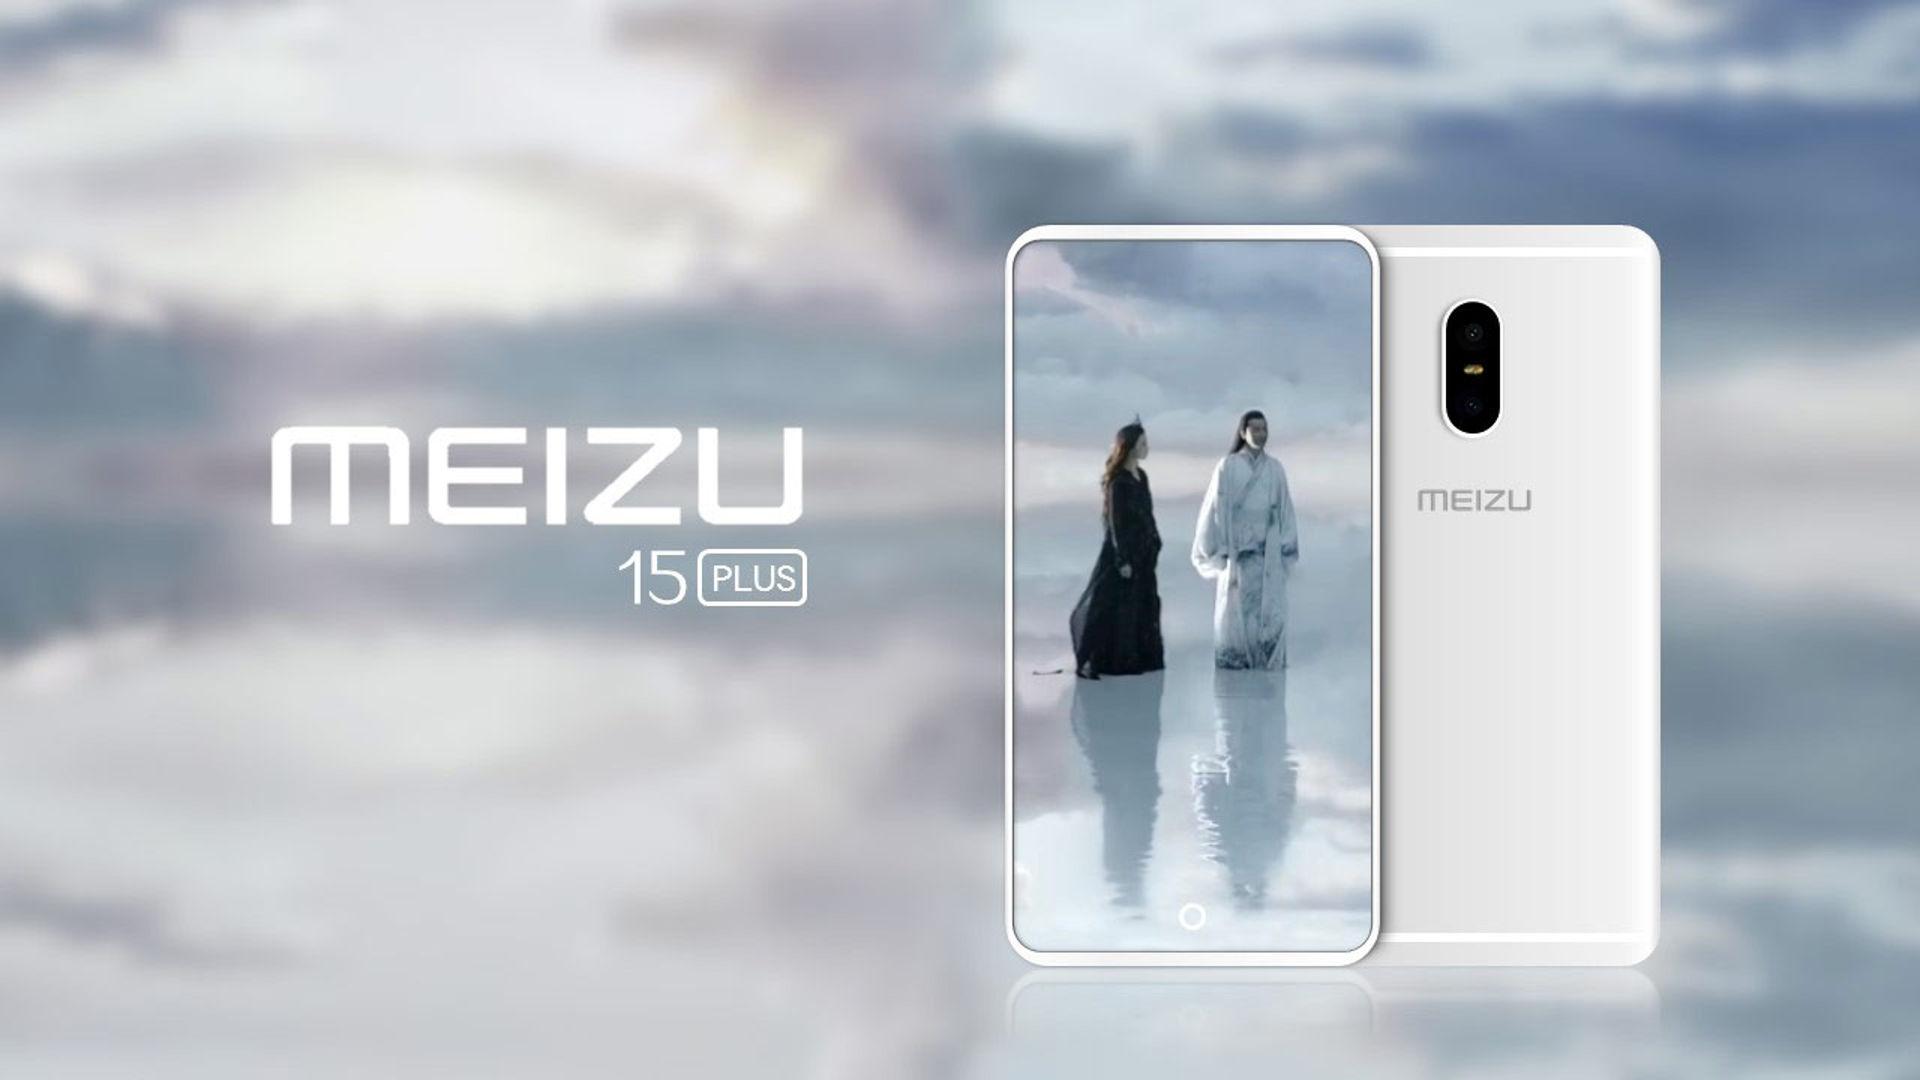 تصاویر فاش شده Meizu 15 Plus جایی برای رویاپردازی باقی نمیگذارند + تصاویر